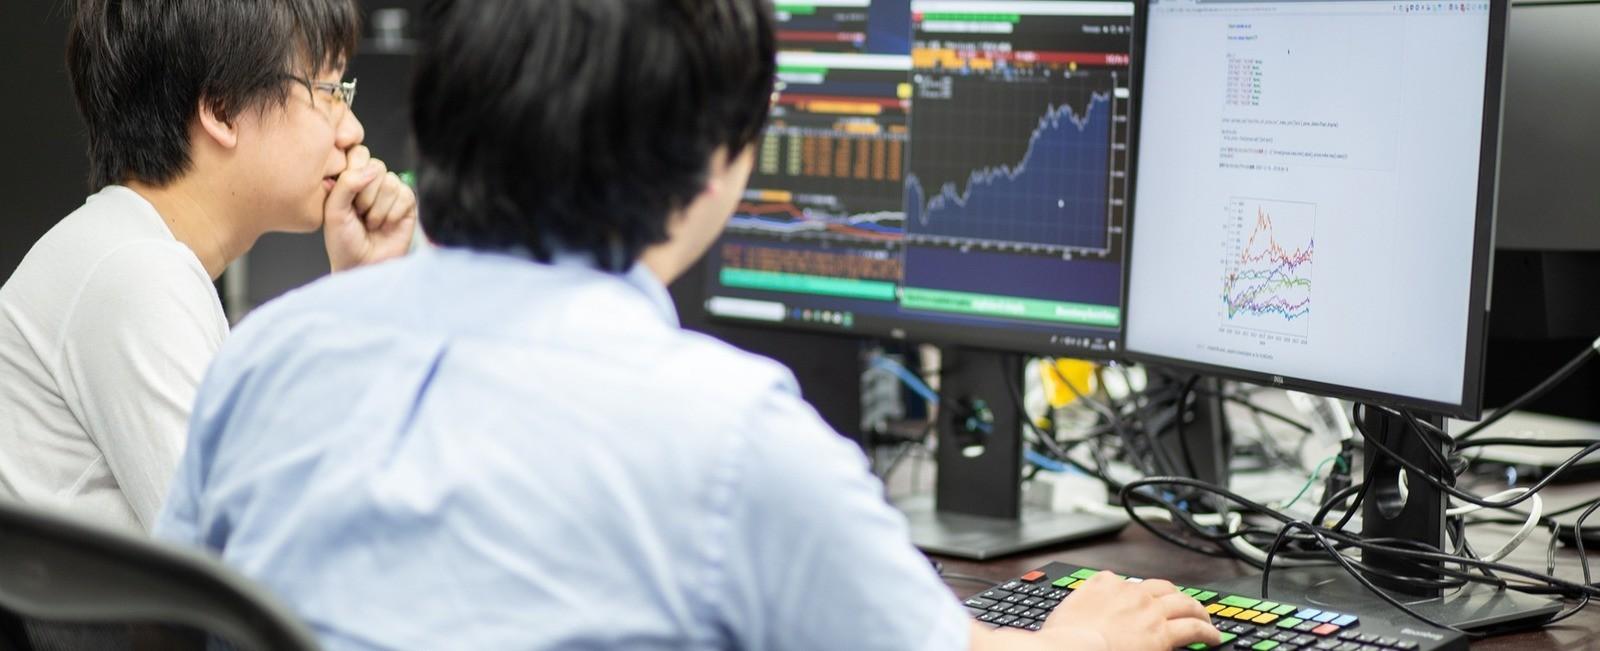 【データエンジニア】溢れる金融データを手懐け、資産運用の分析システムを支えるデータエンジニア募集!